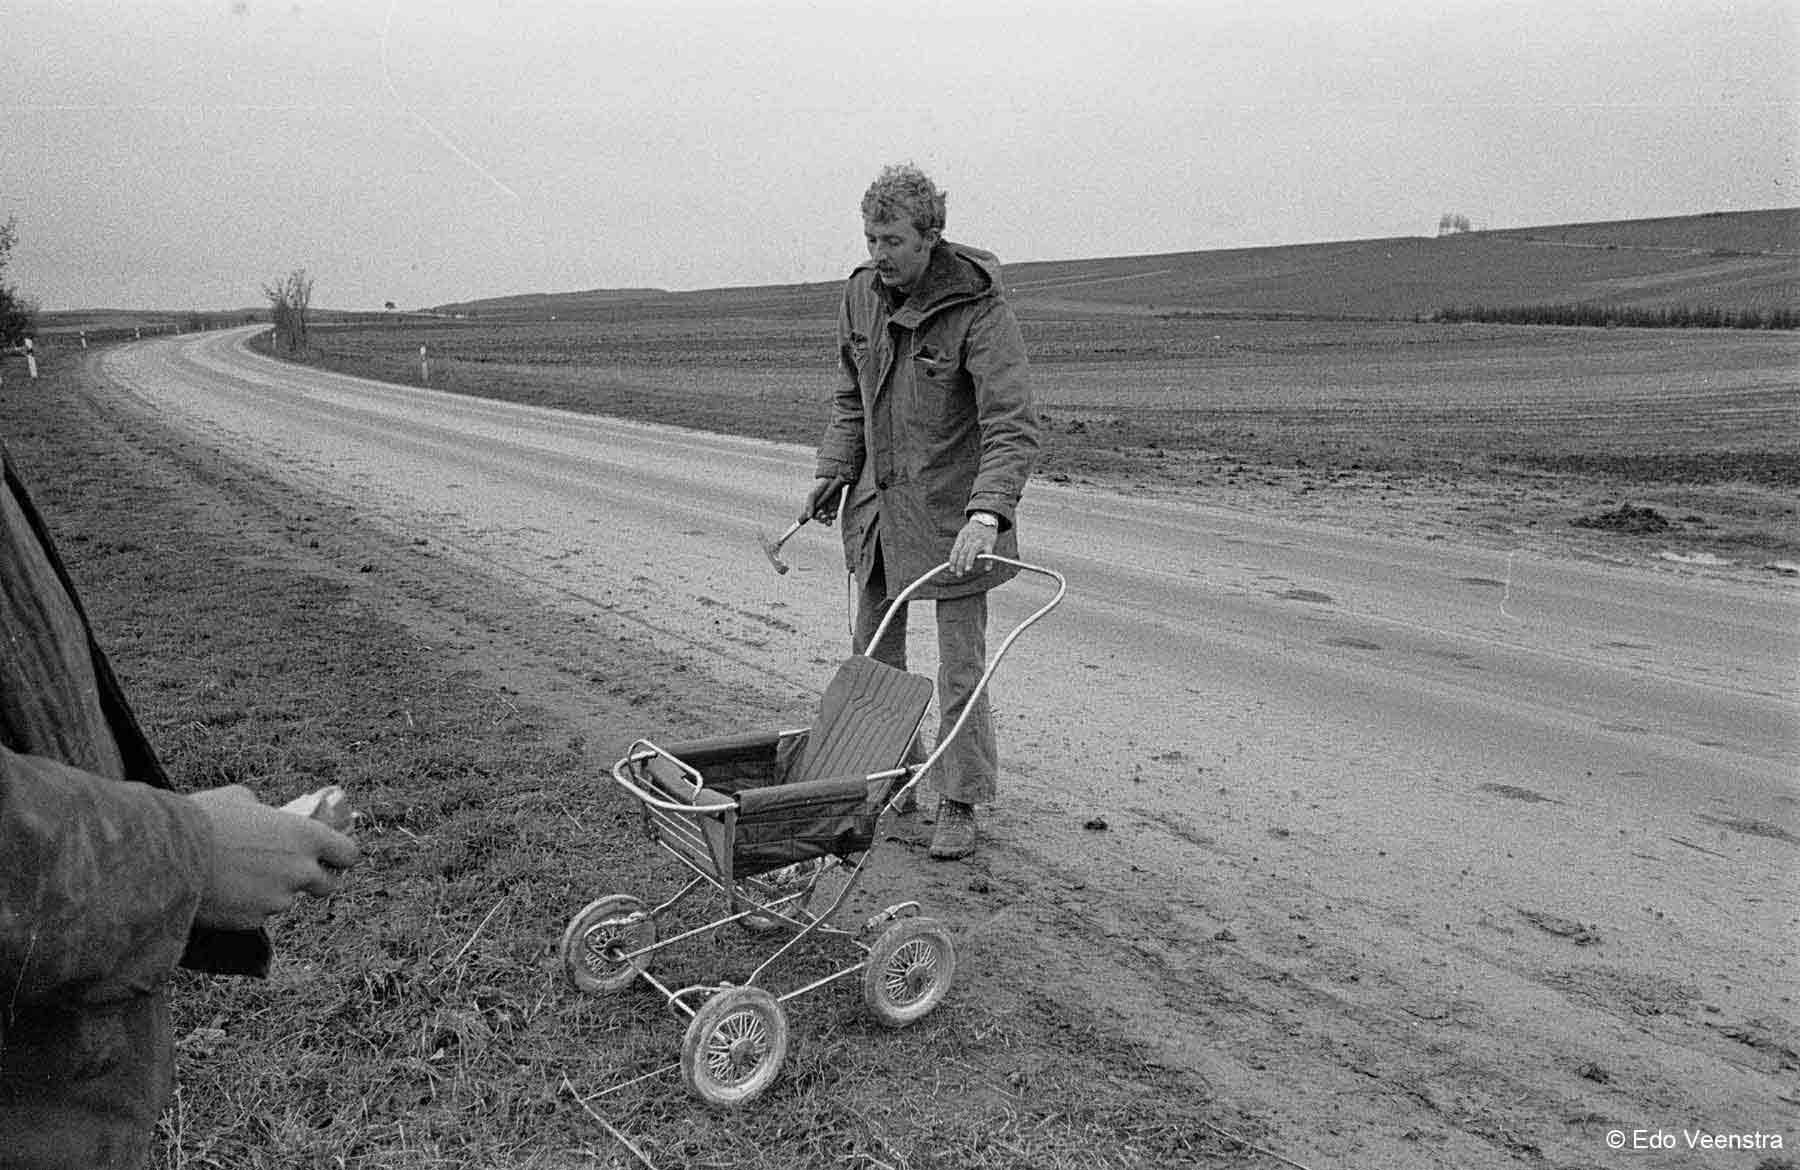 Jan Kaper vindt kinderwagen voor downhill race